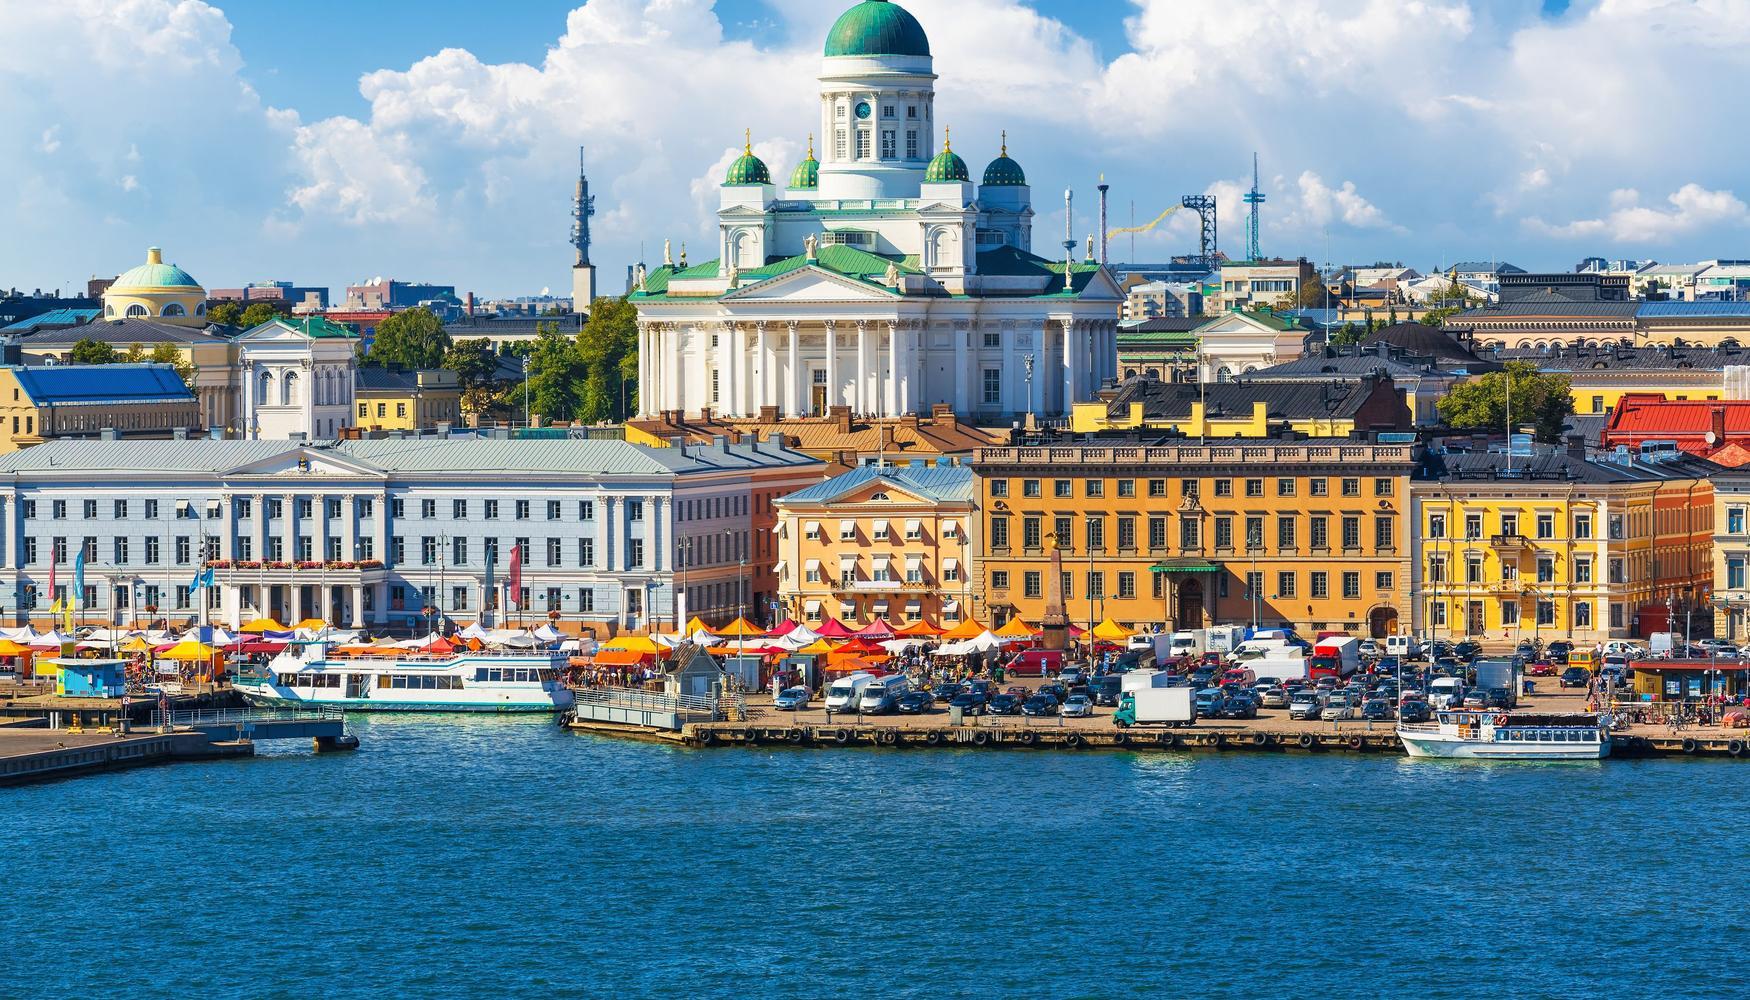 赫尔辛基万塔机场的租车